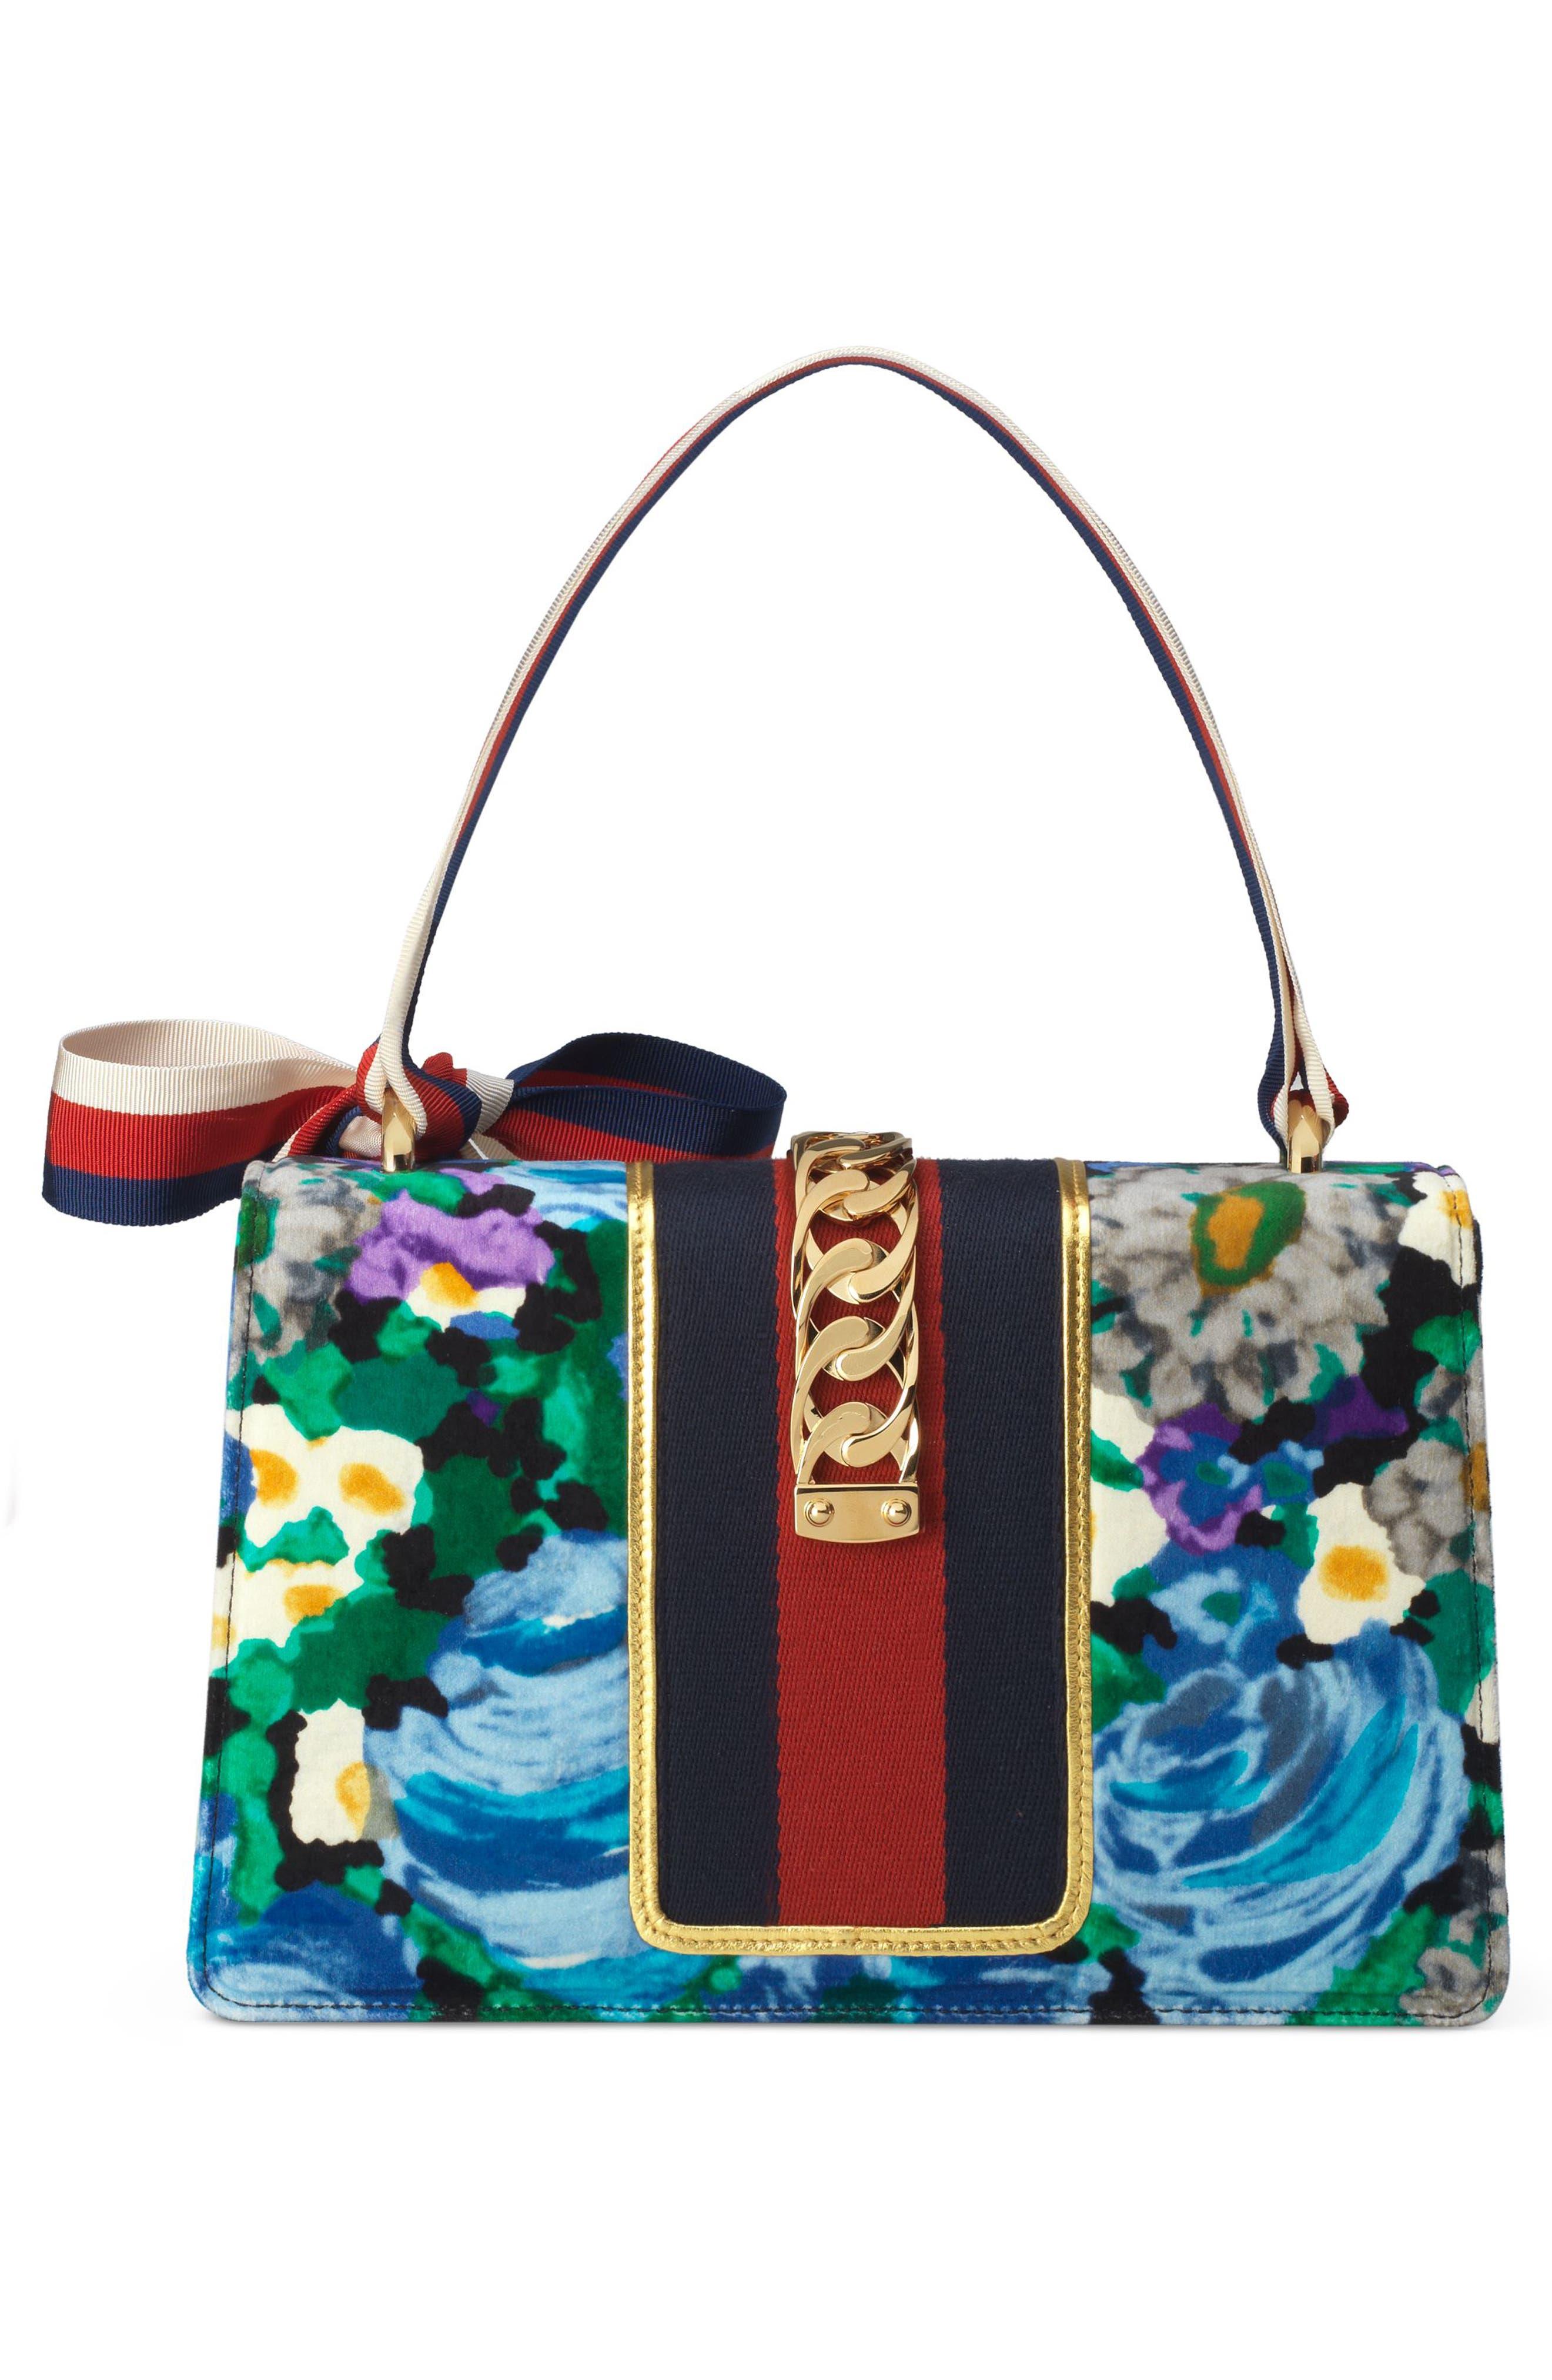 Small Floral Print Leather Shoulder Bag,                             Alternate thumbnail 2, color,                             Black/ Blue Red Blue